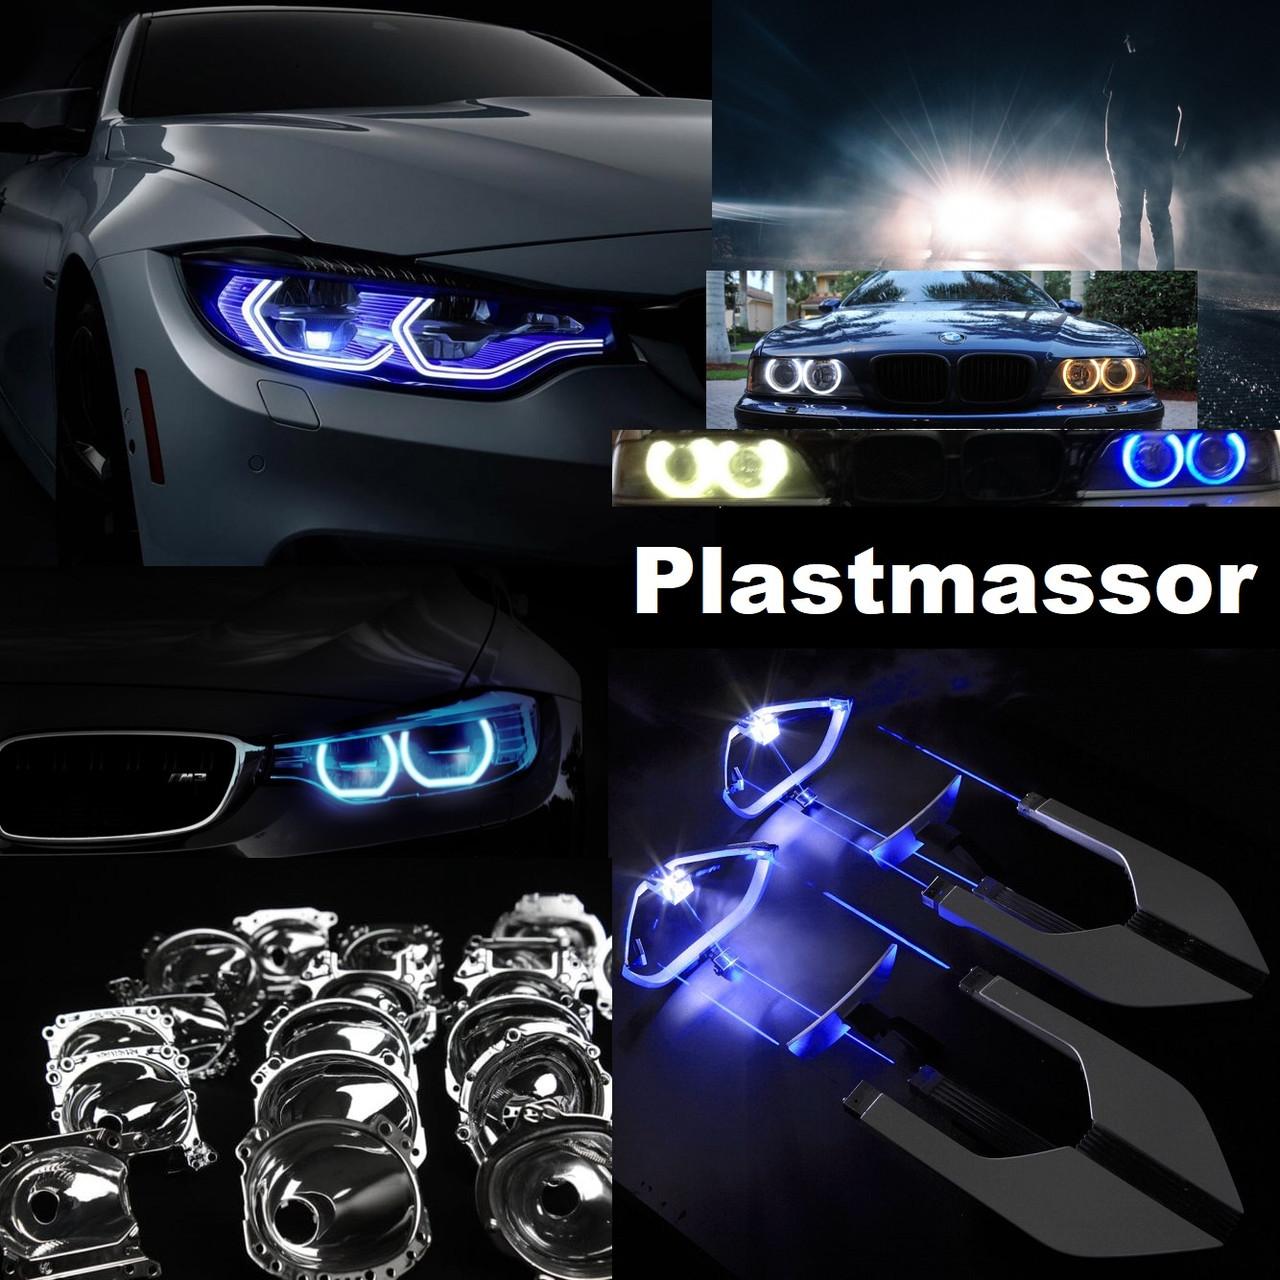 Ремонт Plastmassor вакуумная металлизация восстановление отражателей фар Cadillac